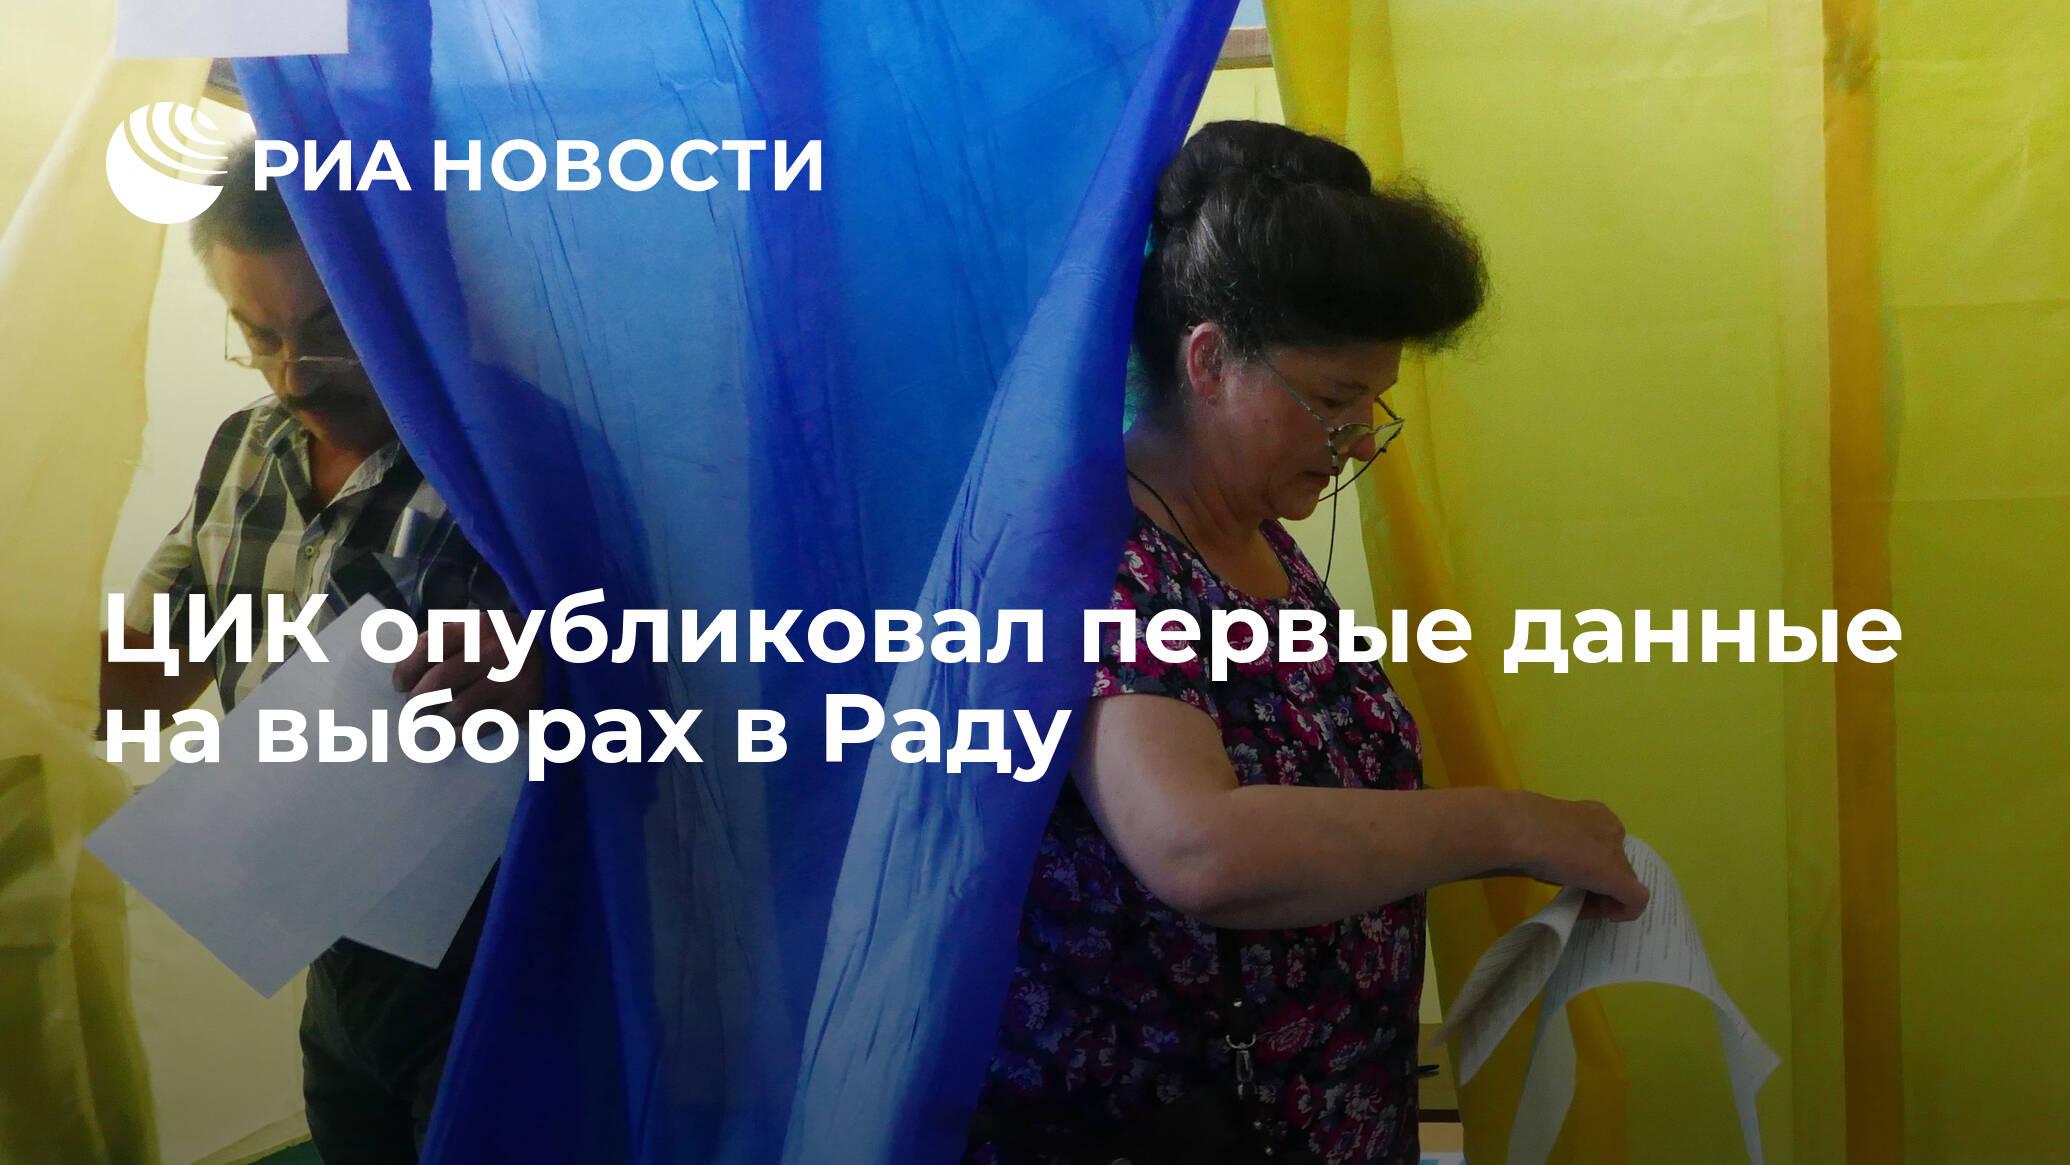 ЦИК опубликовал первые данные на выборах в Раду